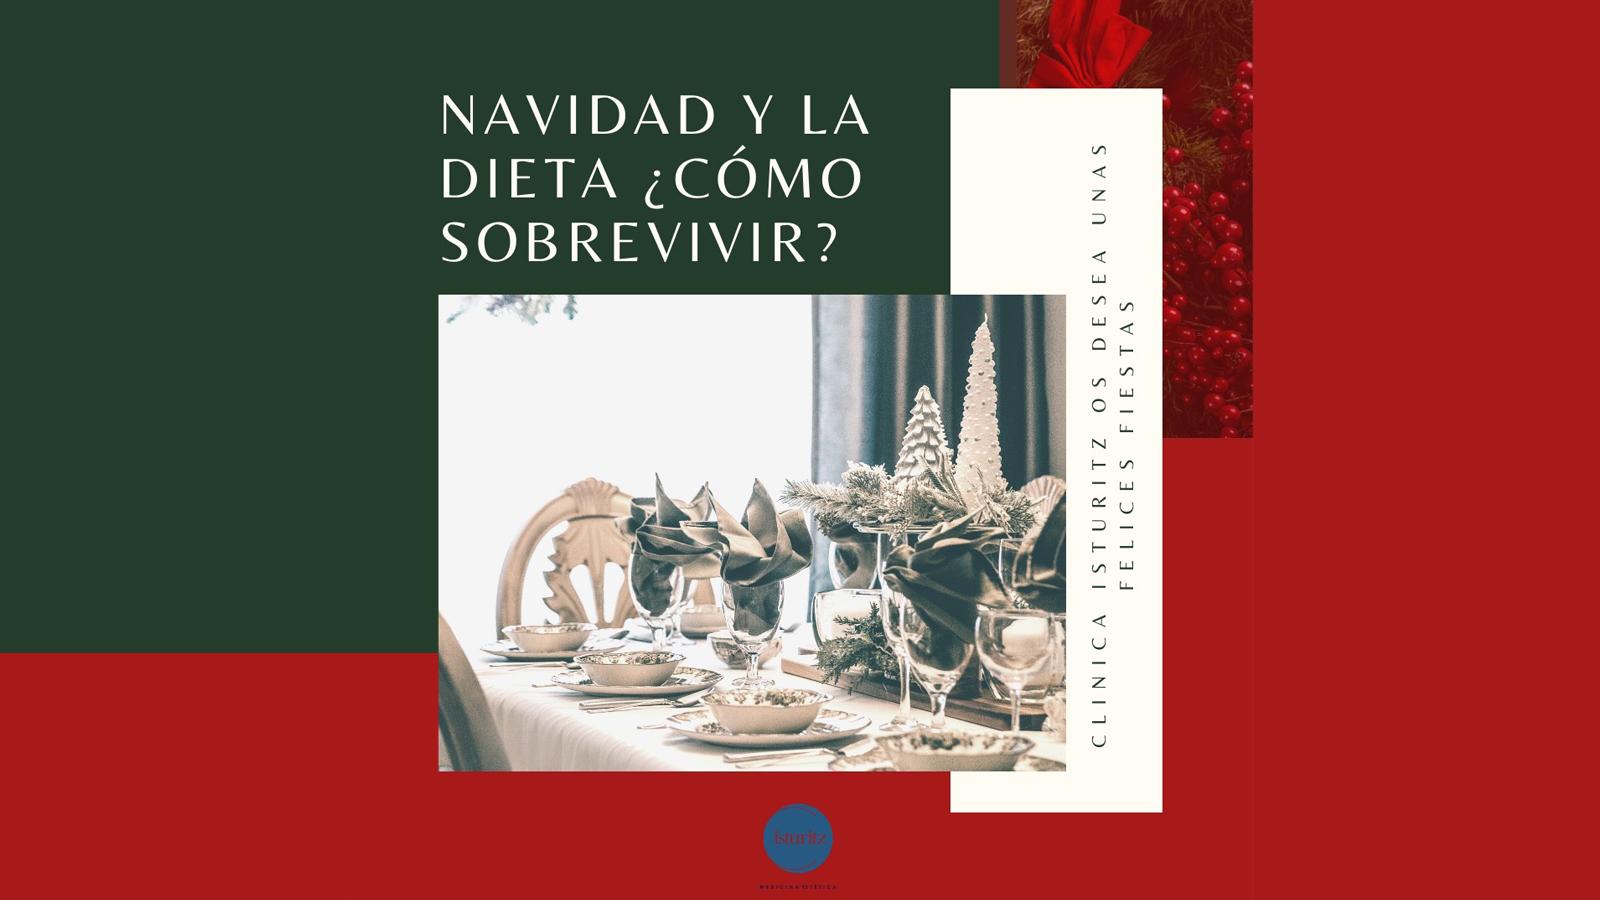 nutrición & dieta en Navidad - Clínica Isturitz | medicina estética – Donostia San Sebastián